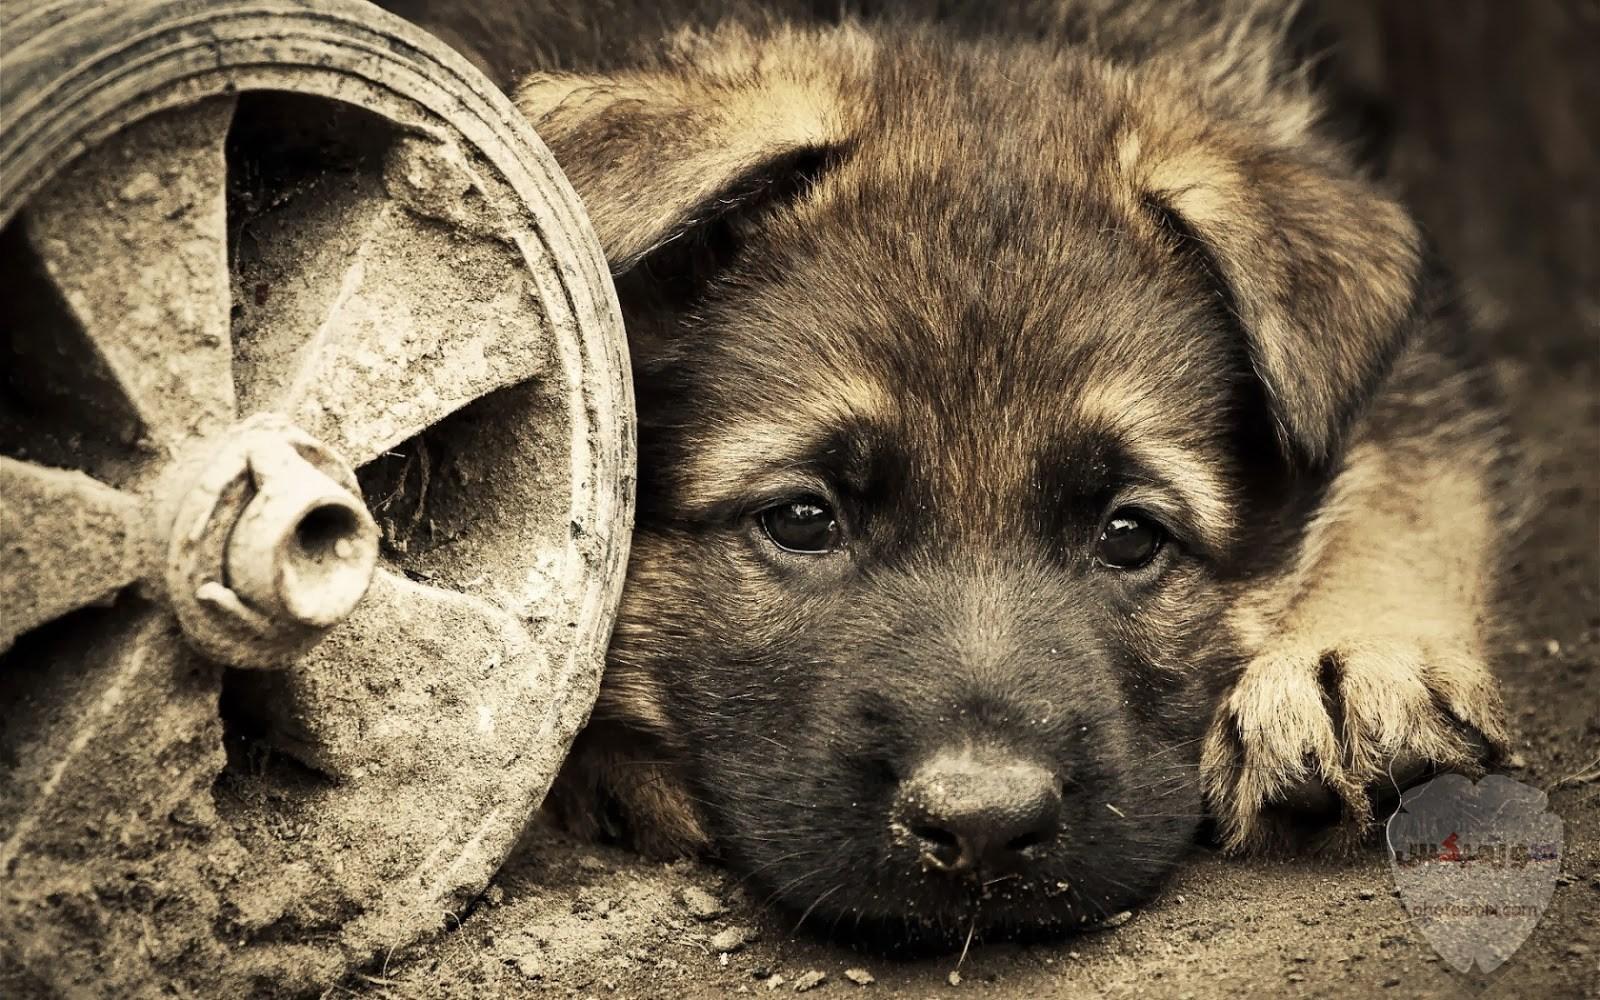 صور رمزيات خلفيات كلاب كيوت صورة كلب كيوت جدا 4